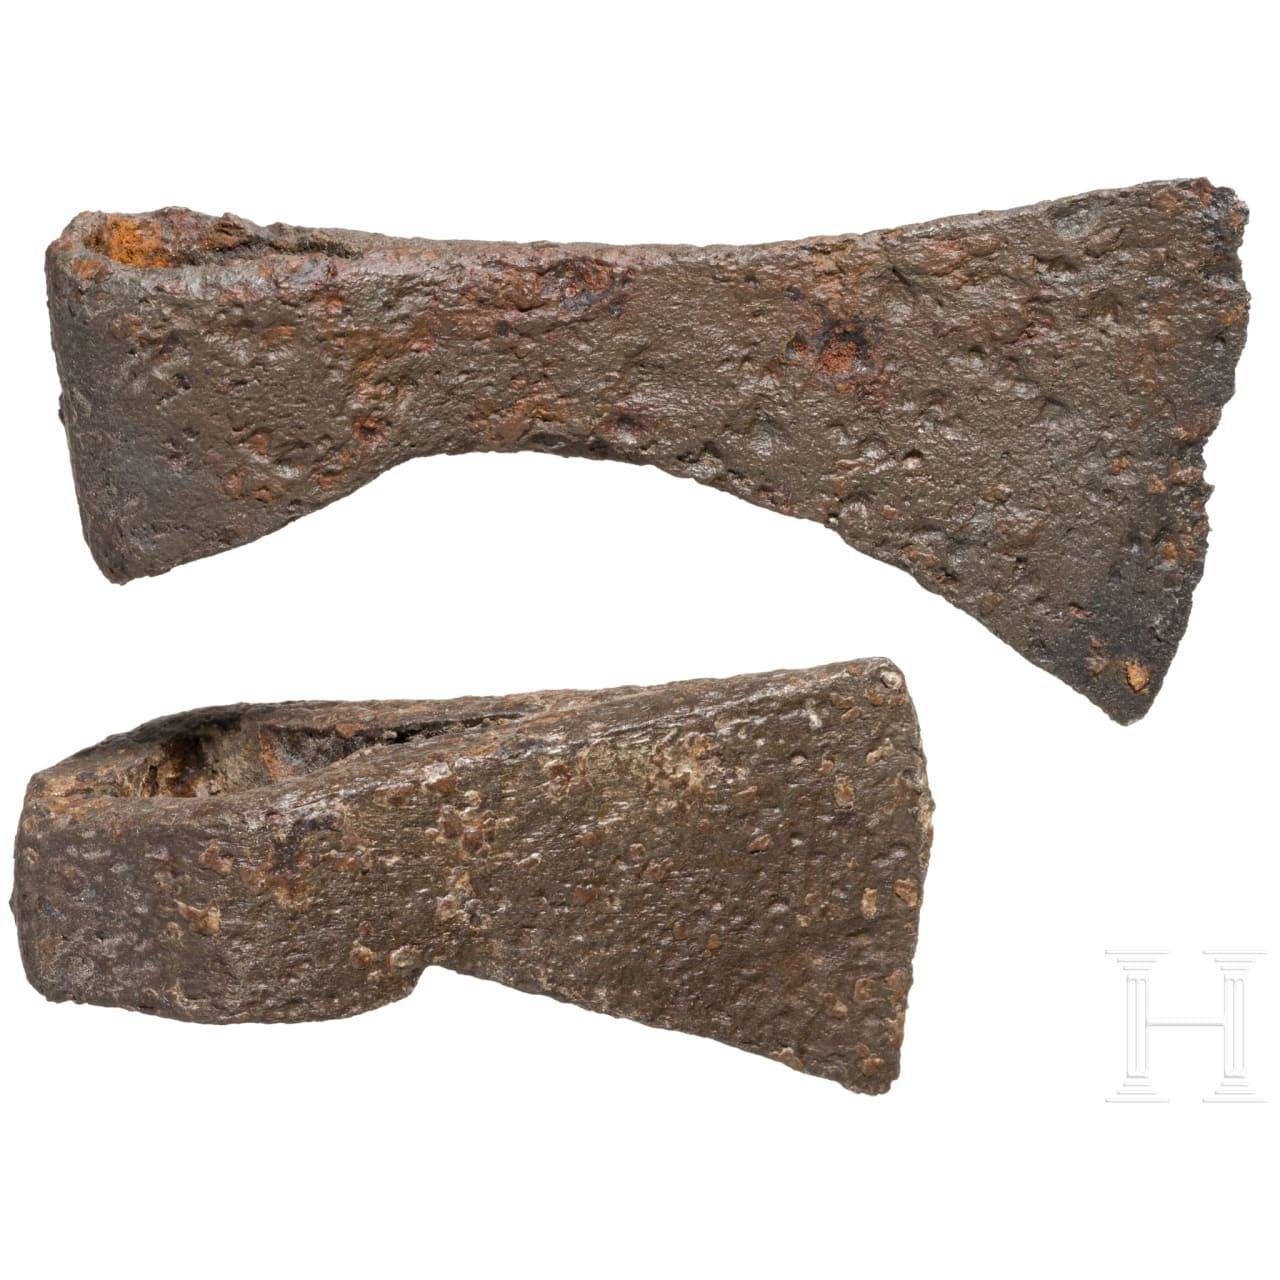 Zwei keltische Äxte, Mitteleuropa, 3. – 1. Jhdt. v. Chr.